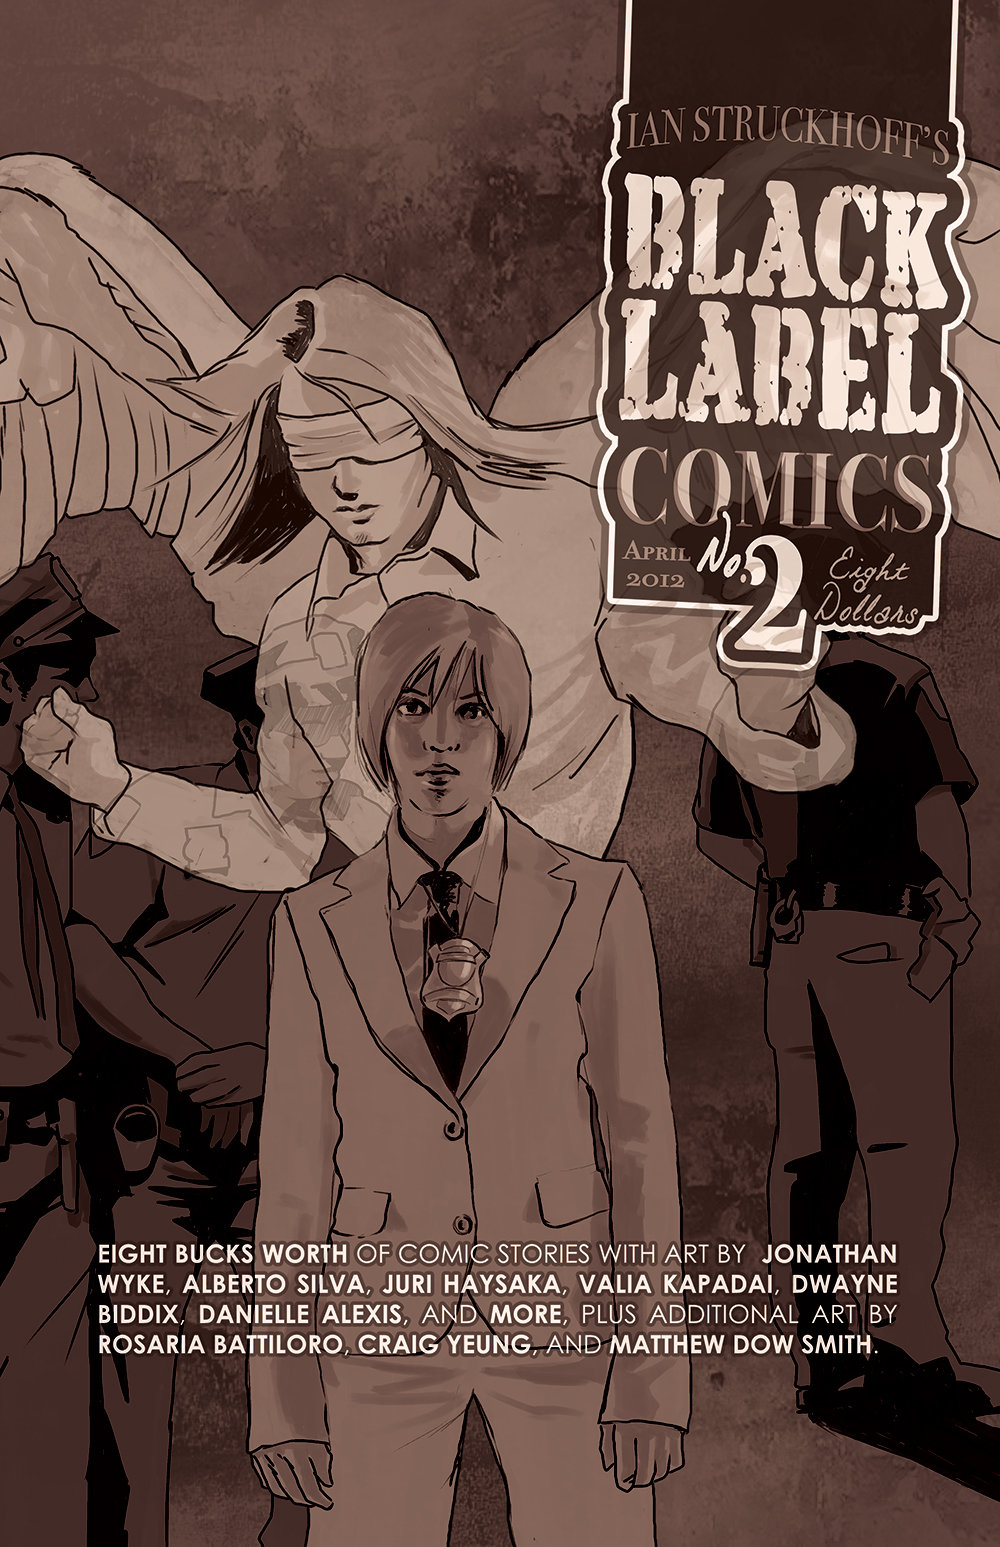 Black Label Comics no. 2